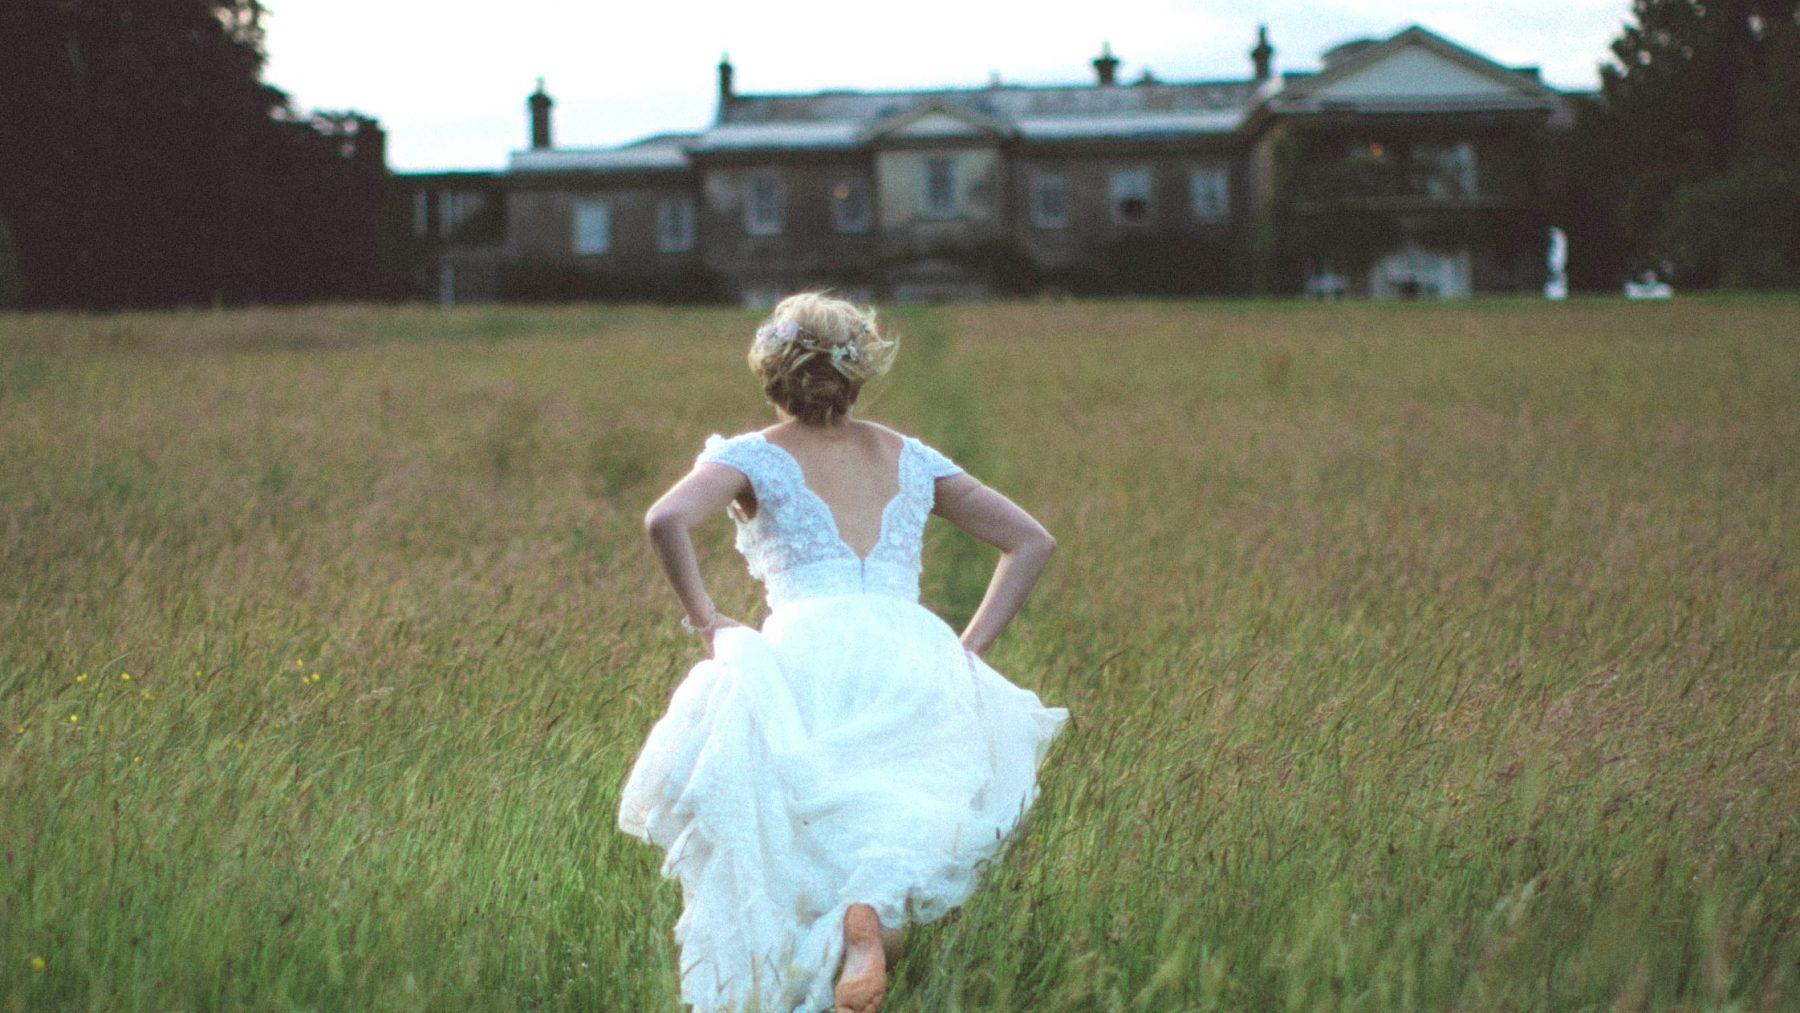 LINDA.nl zoekt vrouwen met een goed bruiloftsverhaal (1)